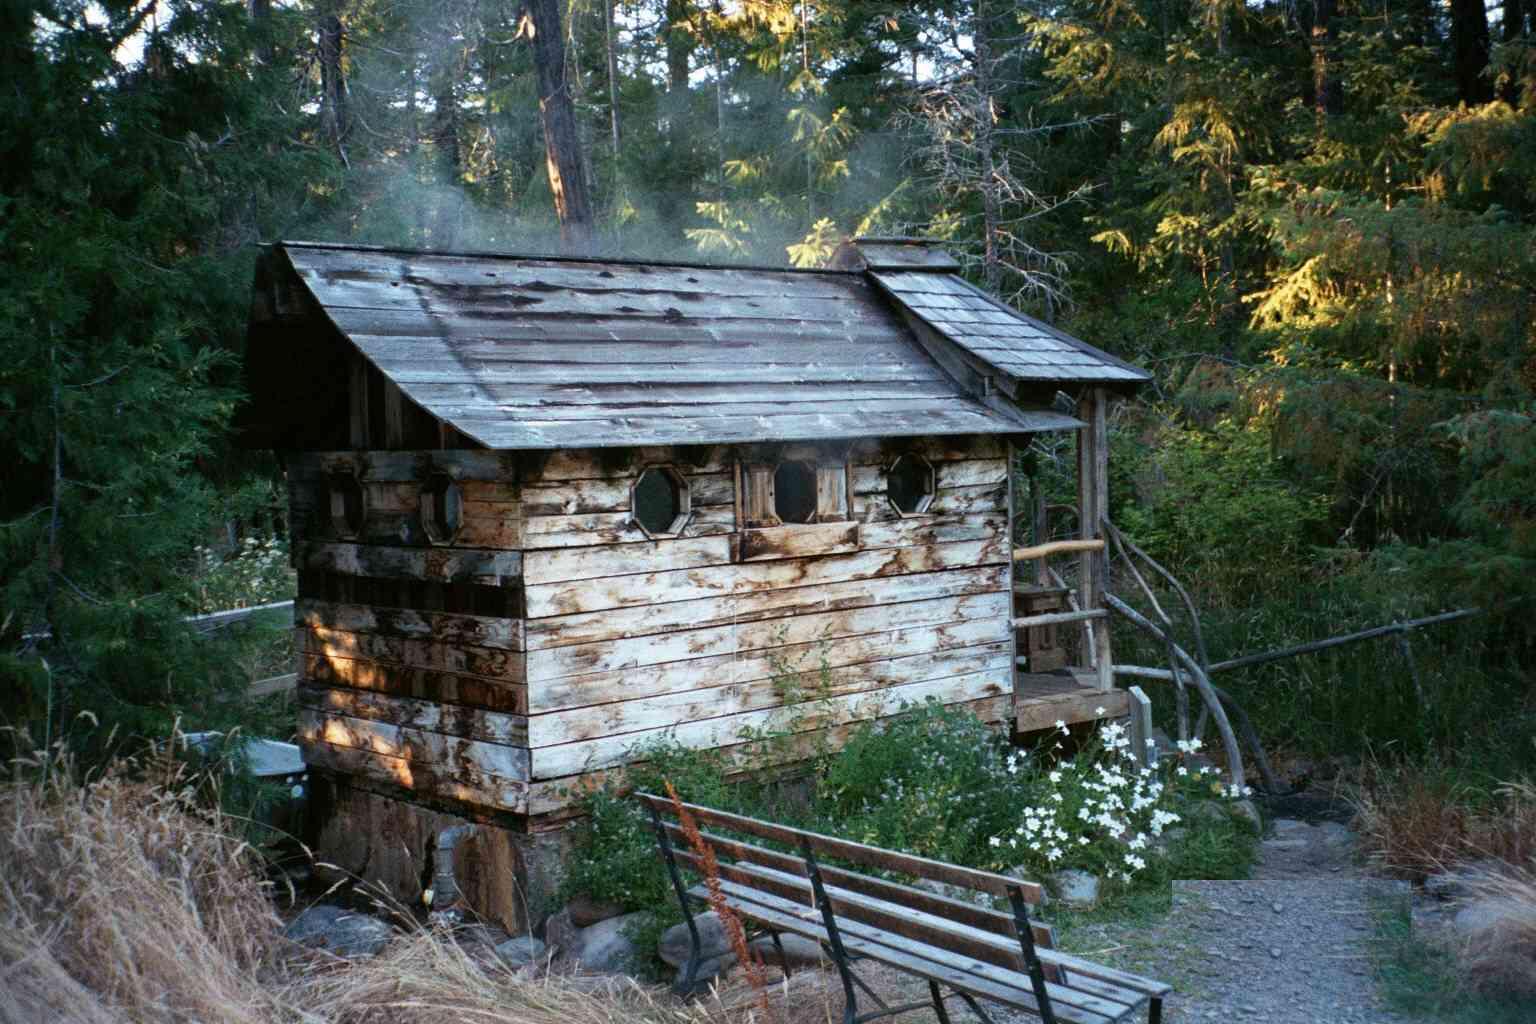 Steam hut in the forest at Breitenbush